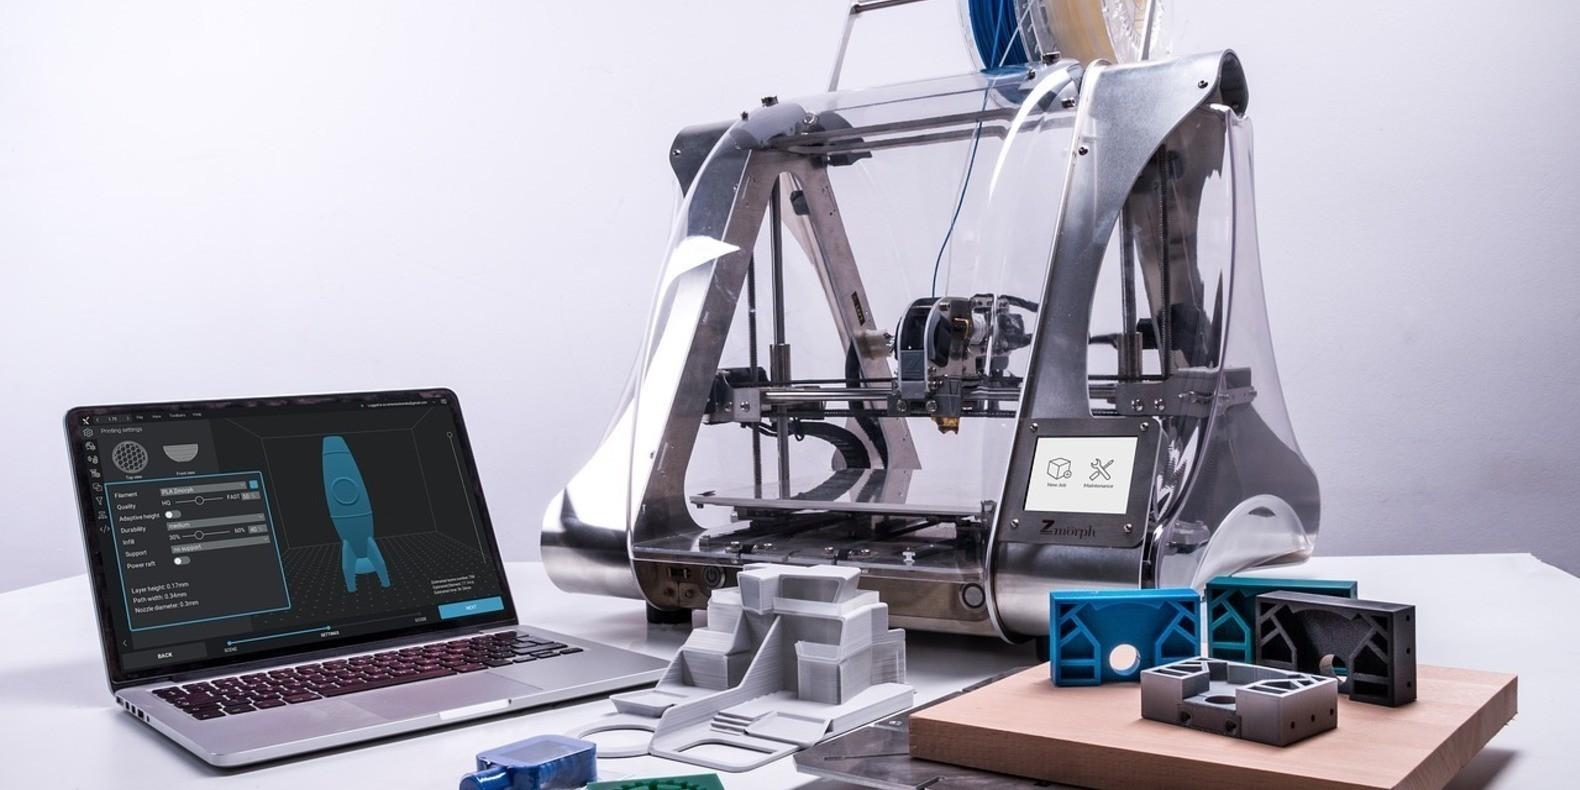 Áreas de aplicación de la impresión 3D